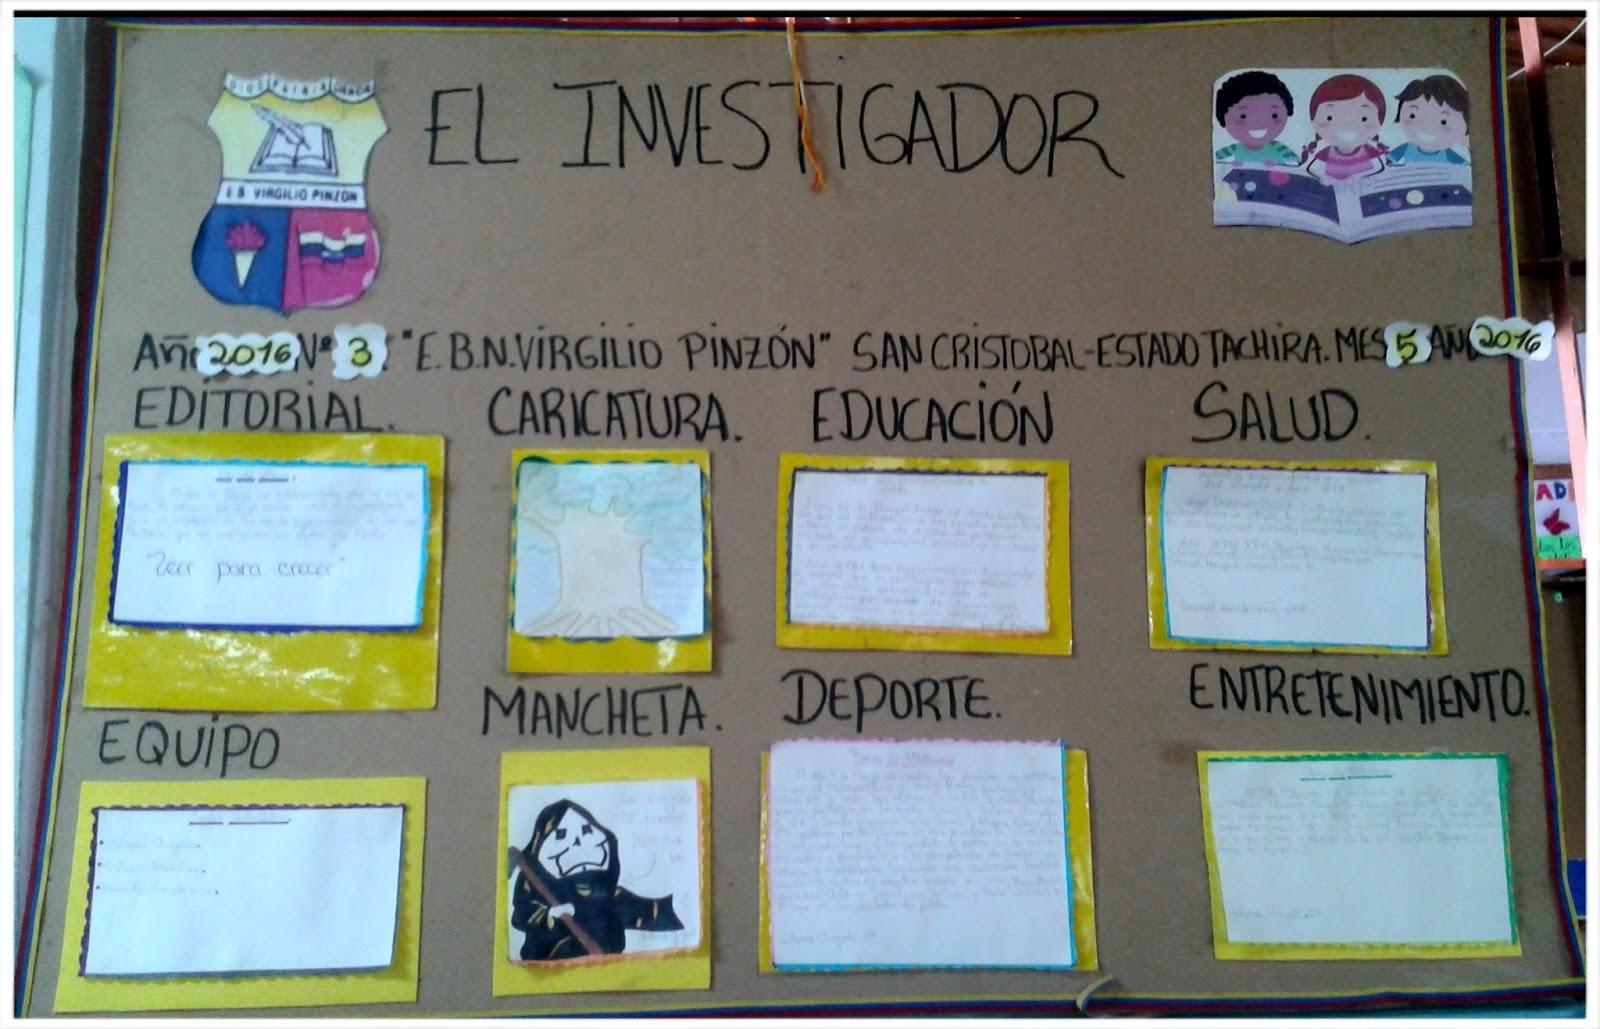 Escuela bolivariana virgilio pinz n peri dicos murales de for Componentes de un periodico mural